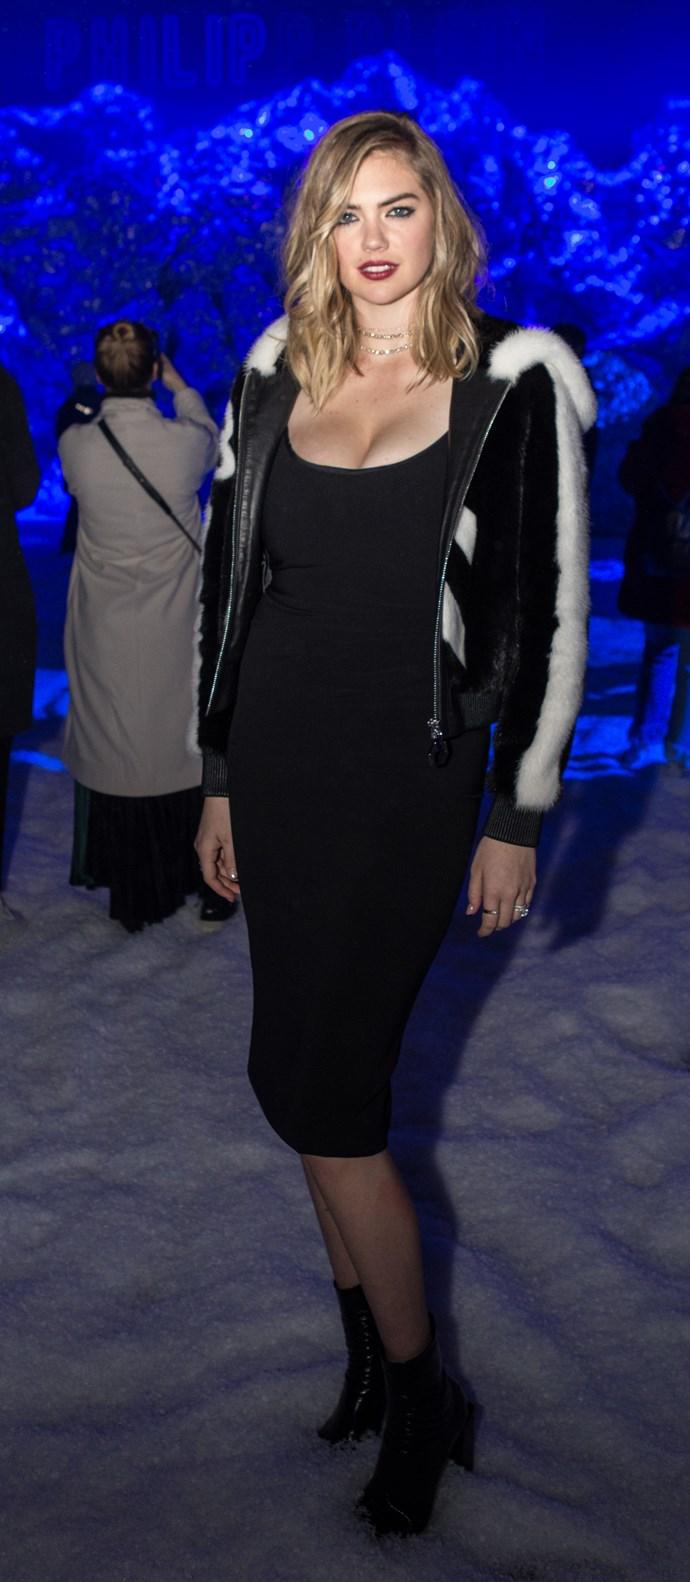 **Kate Upton** at The Philipp Plein Fashion show.